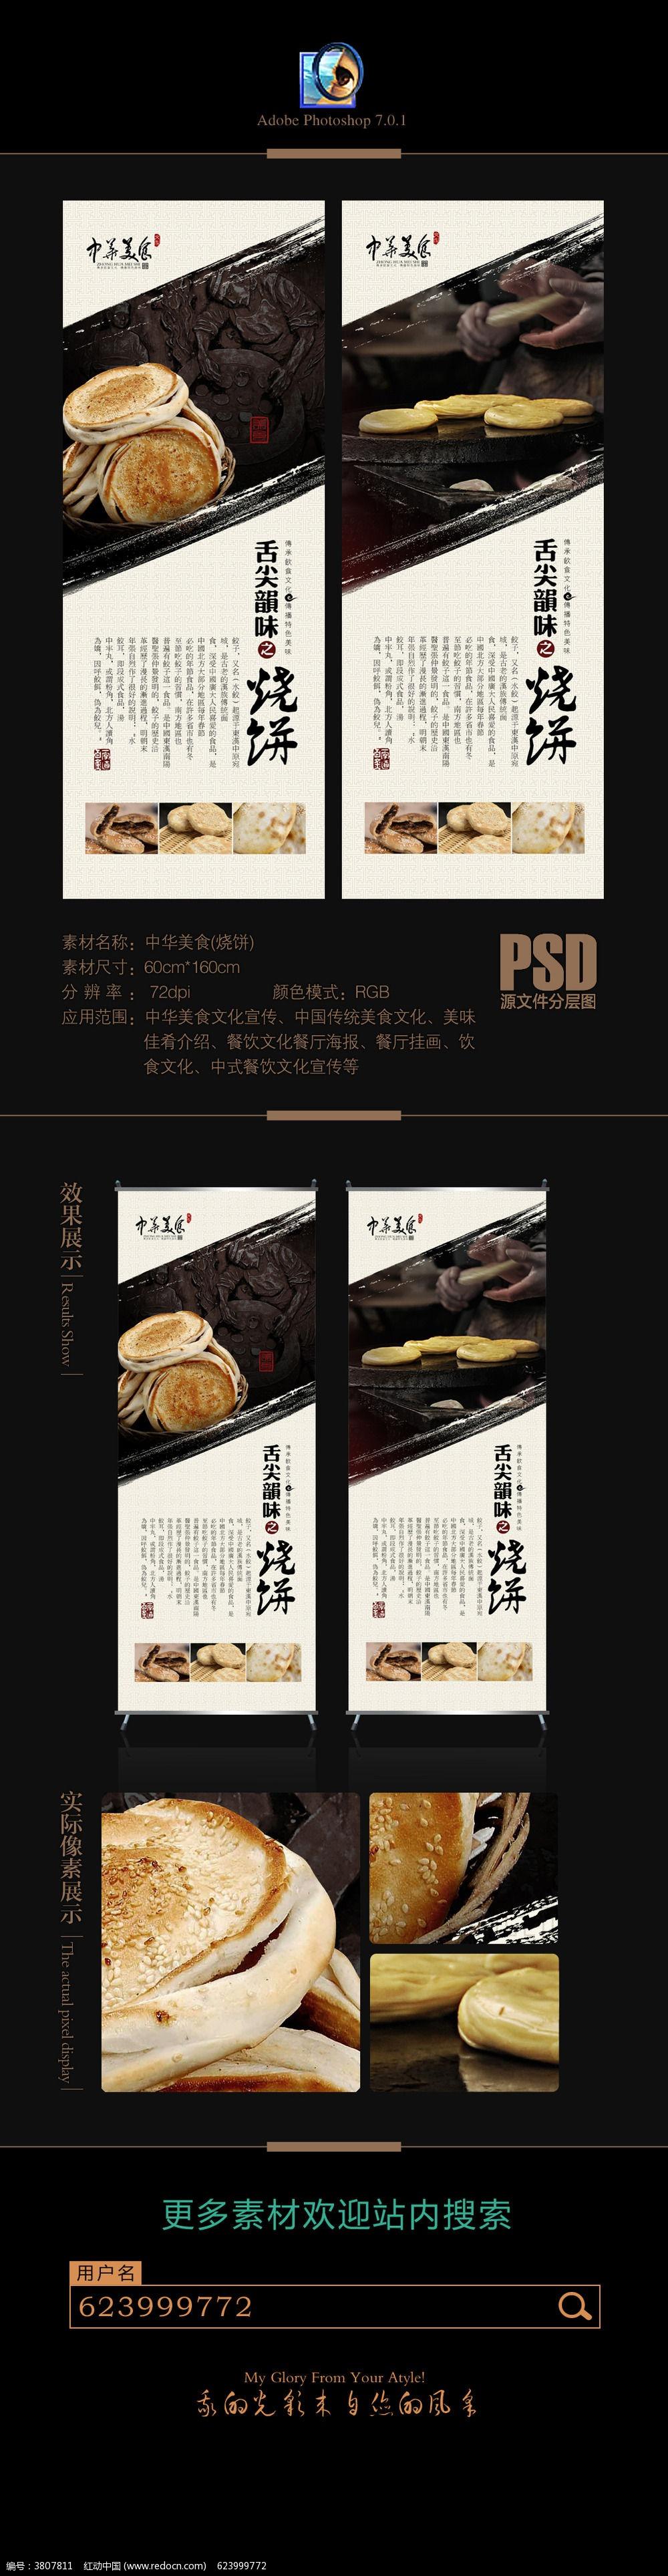 中国传统美食烧饼文化x展架设计图片